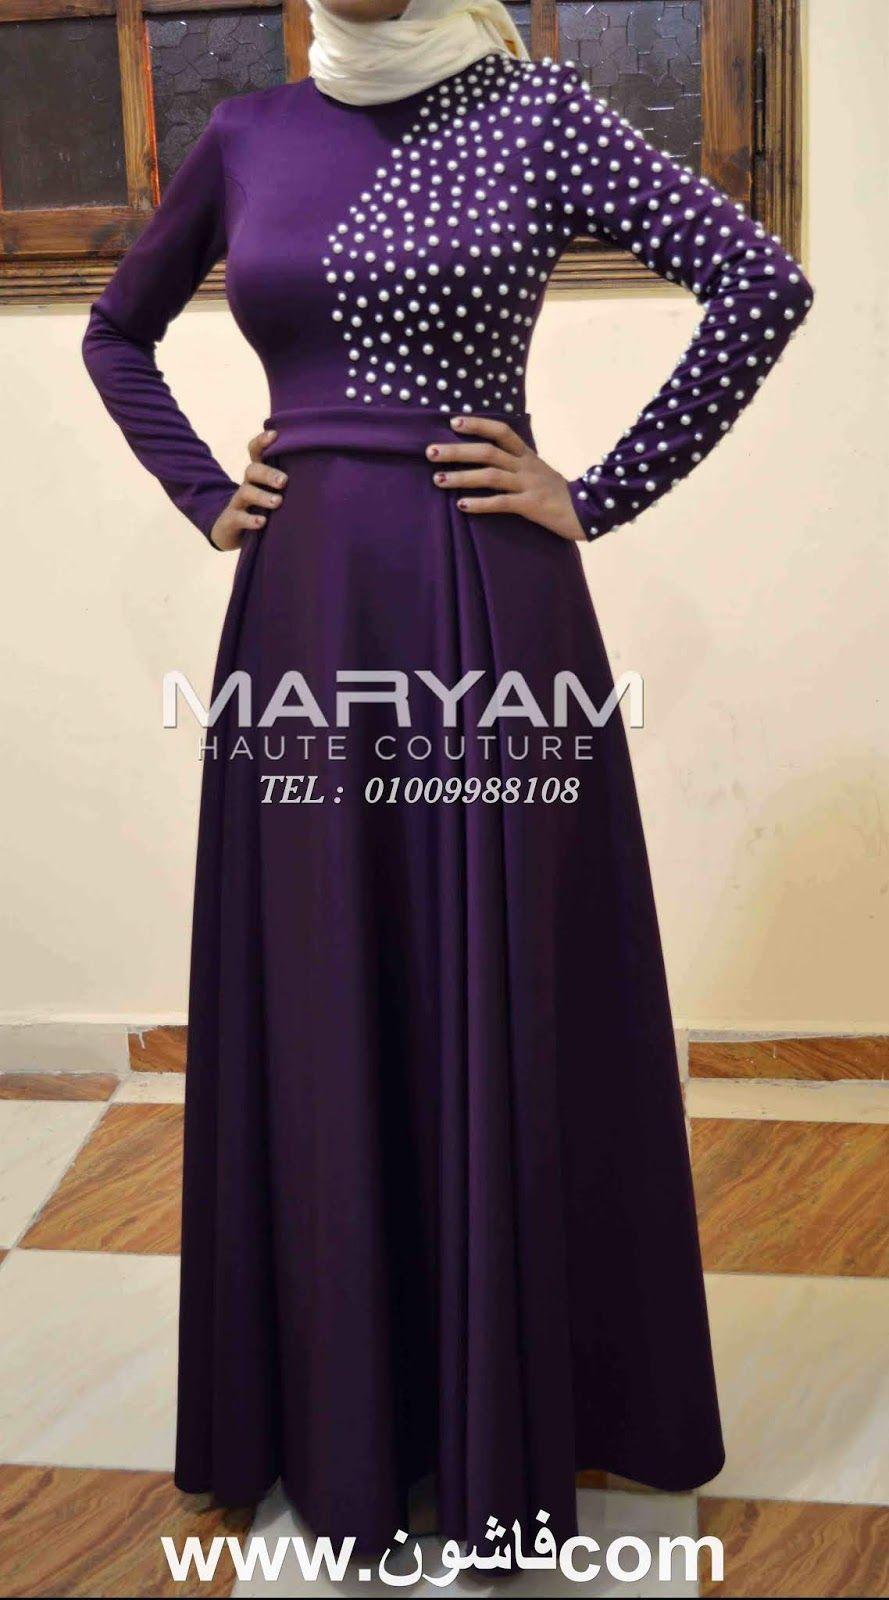 فساتين سواريه باللون الموف البنفسجي فساتين Fancy Dress Design Stylish Party Dresses Dresses